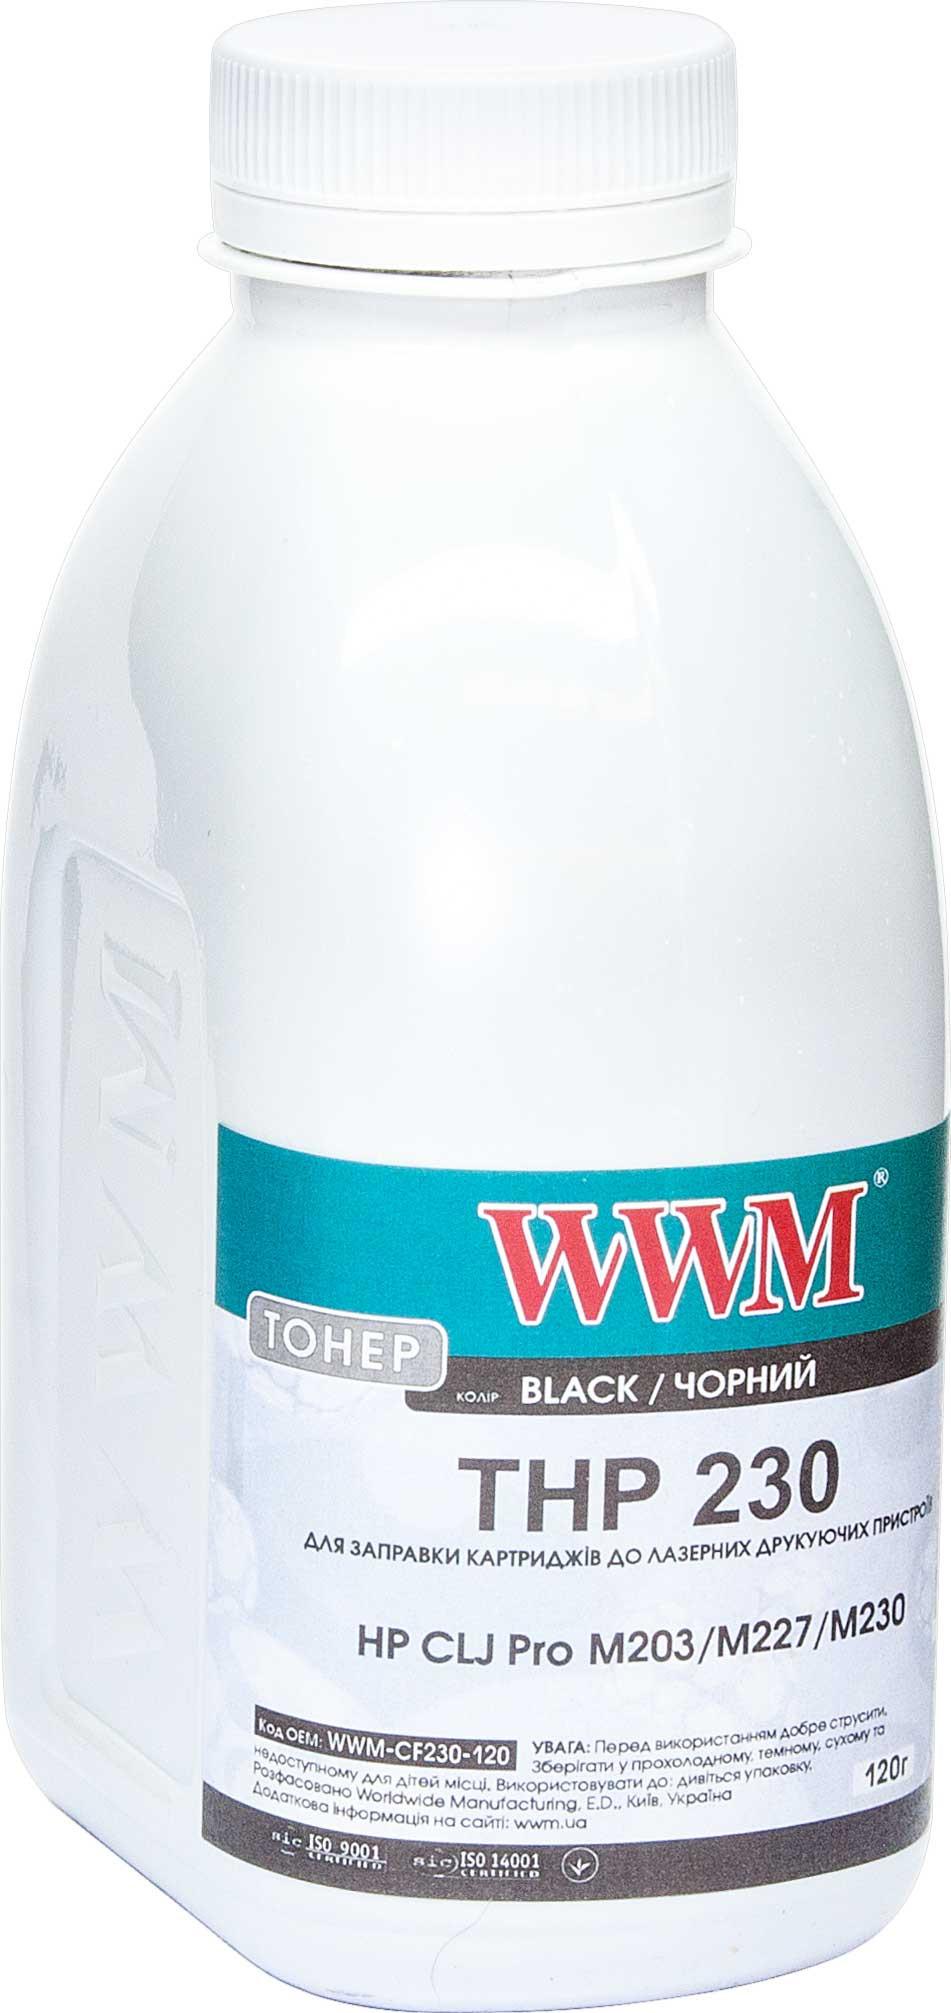 Купить Тонер WWM for HP LJ Pro M203/M227/M230 Black бутль 120g, WWM-CF230-120